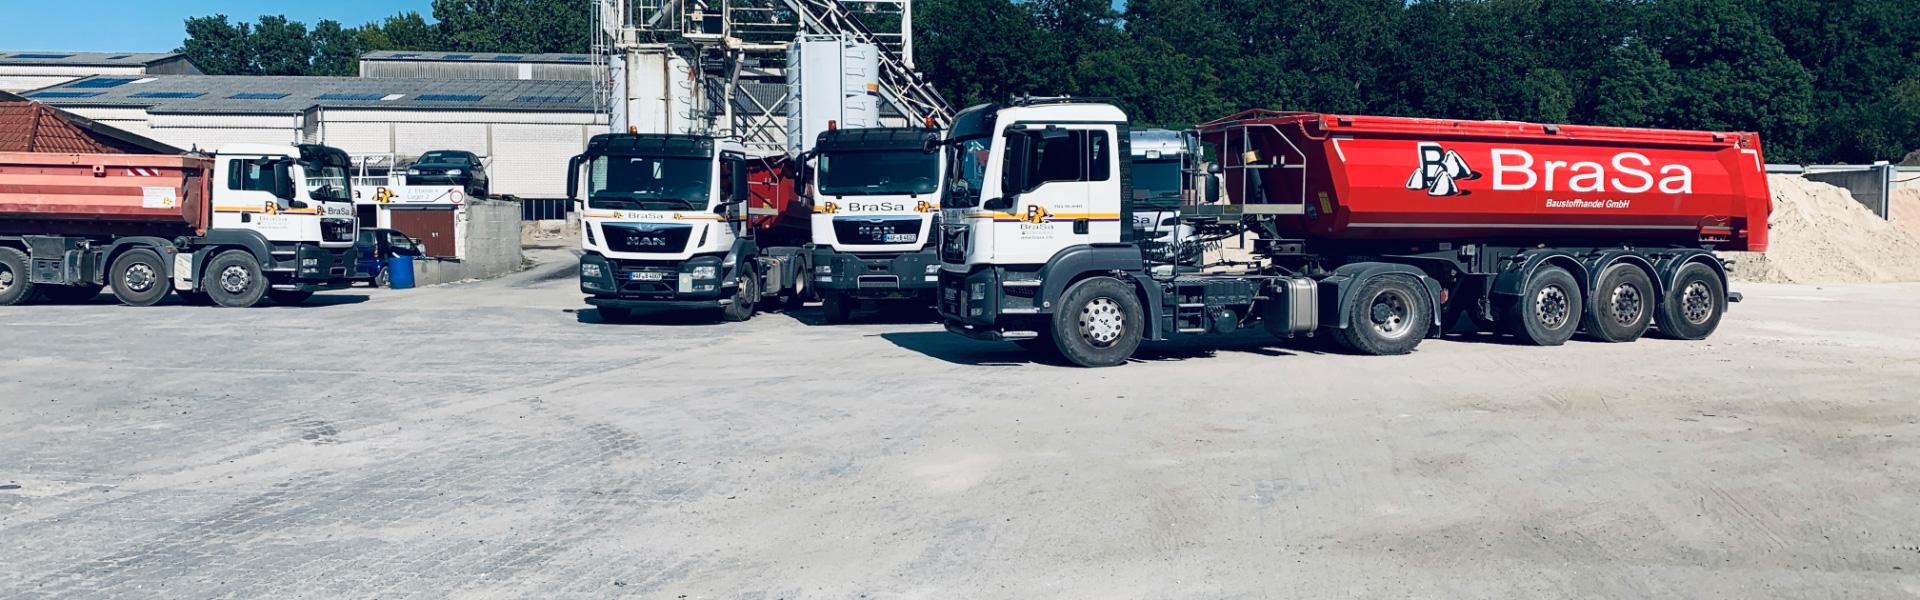 BraSa-Baustoffhandel GmbH